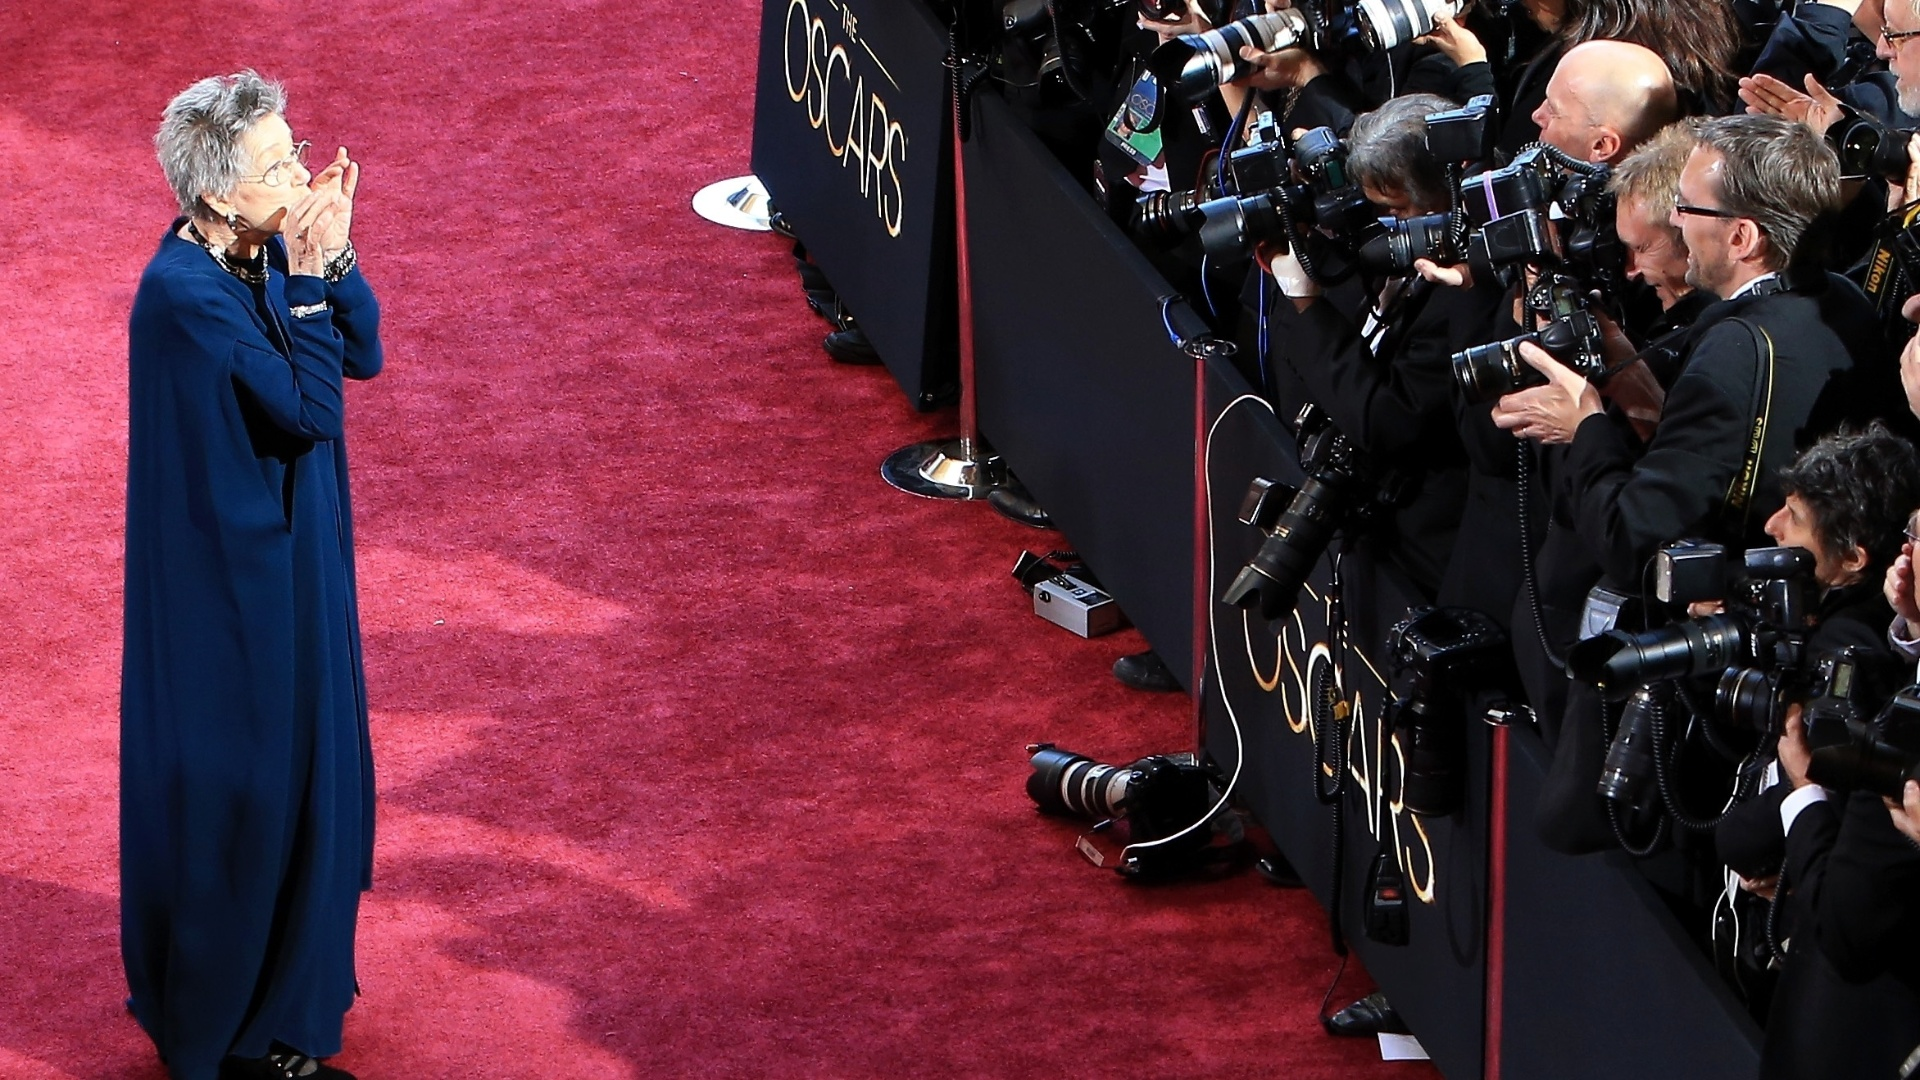 24.fev.2013 - A atriz Emmanuelle Riva, que completa 86 anos neste domingo, posa para os fotógrafos no tapete vermelho